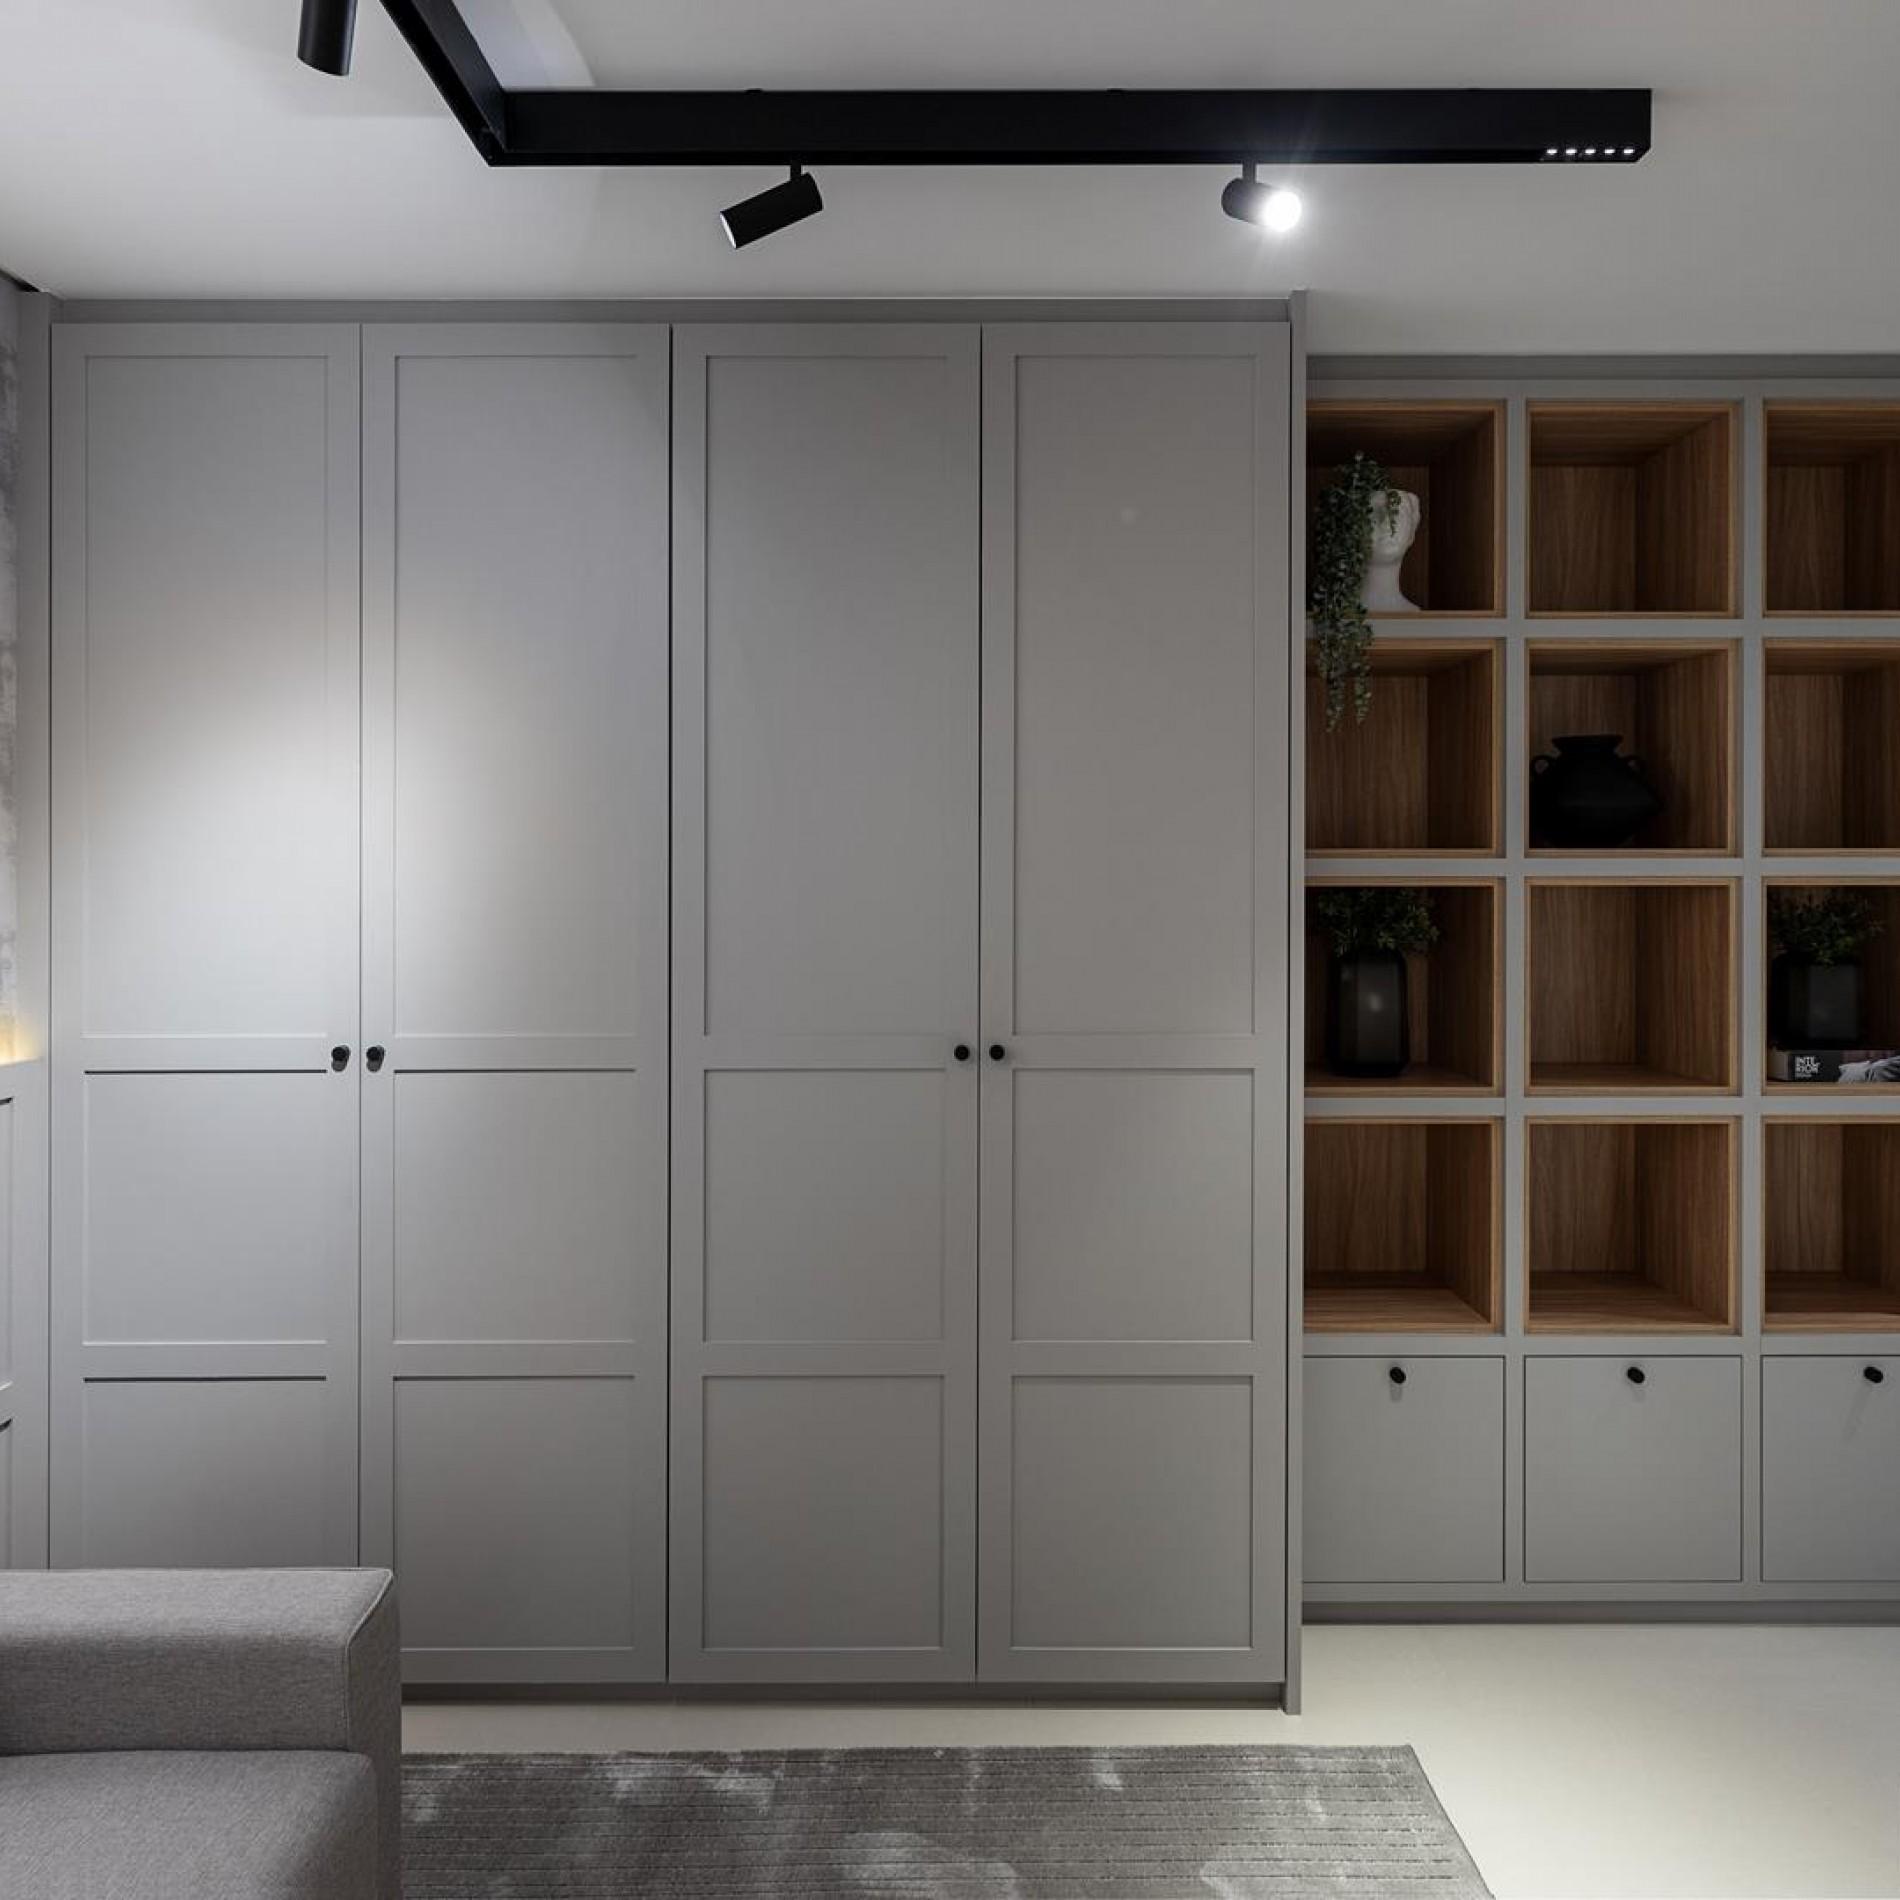 new-york-apartments-decorado-302-escritorio-17.jpg